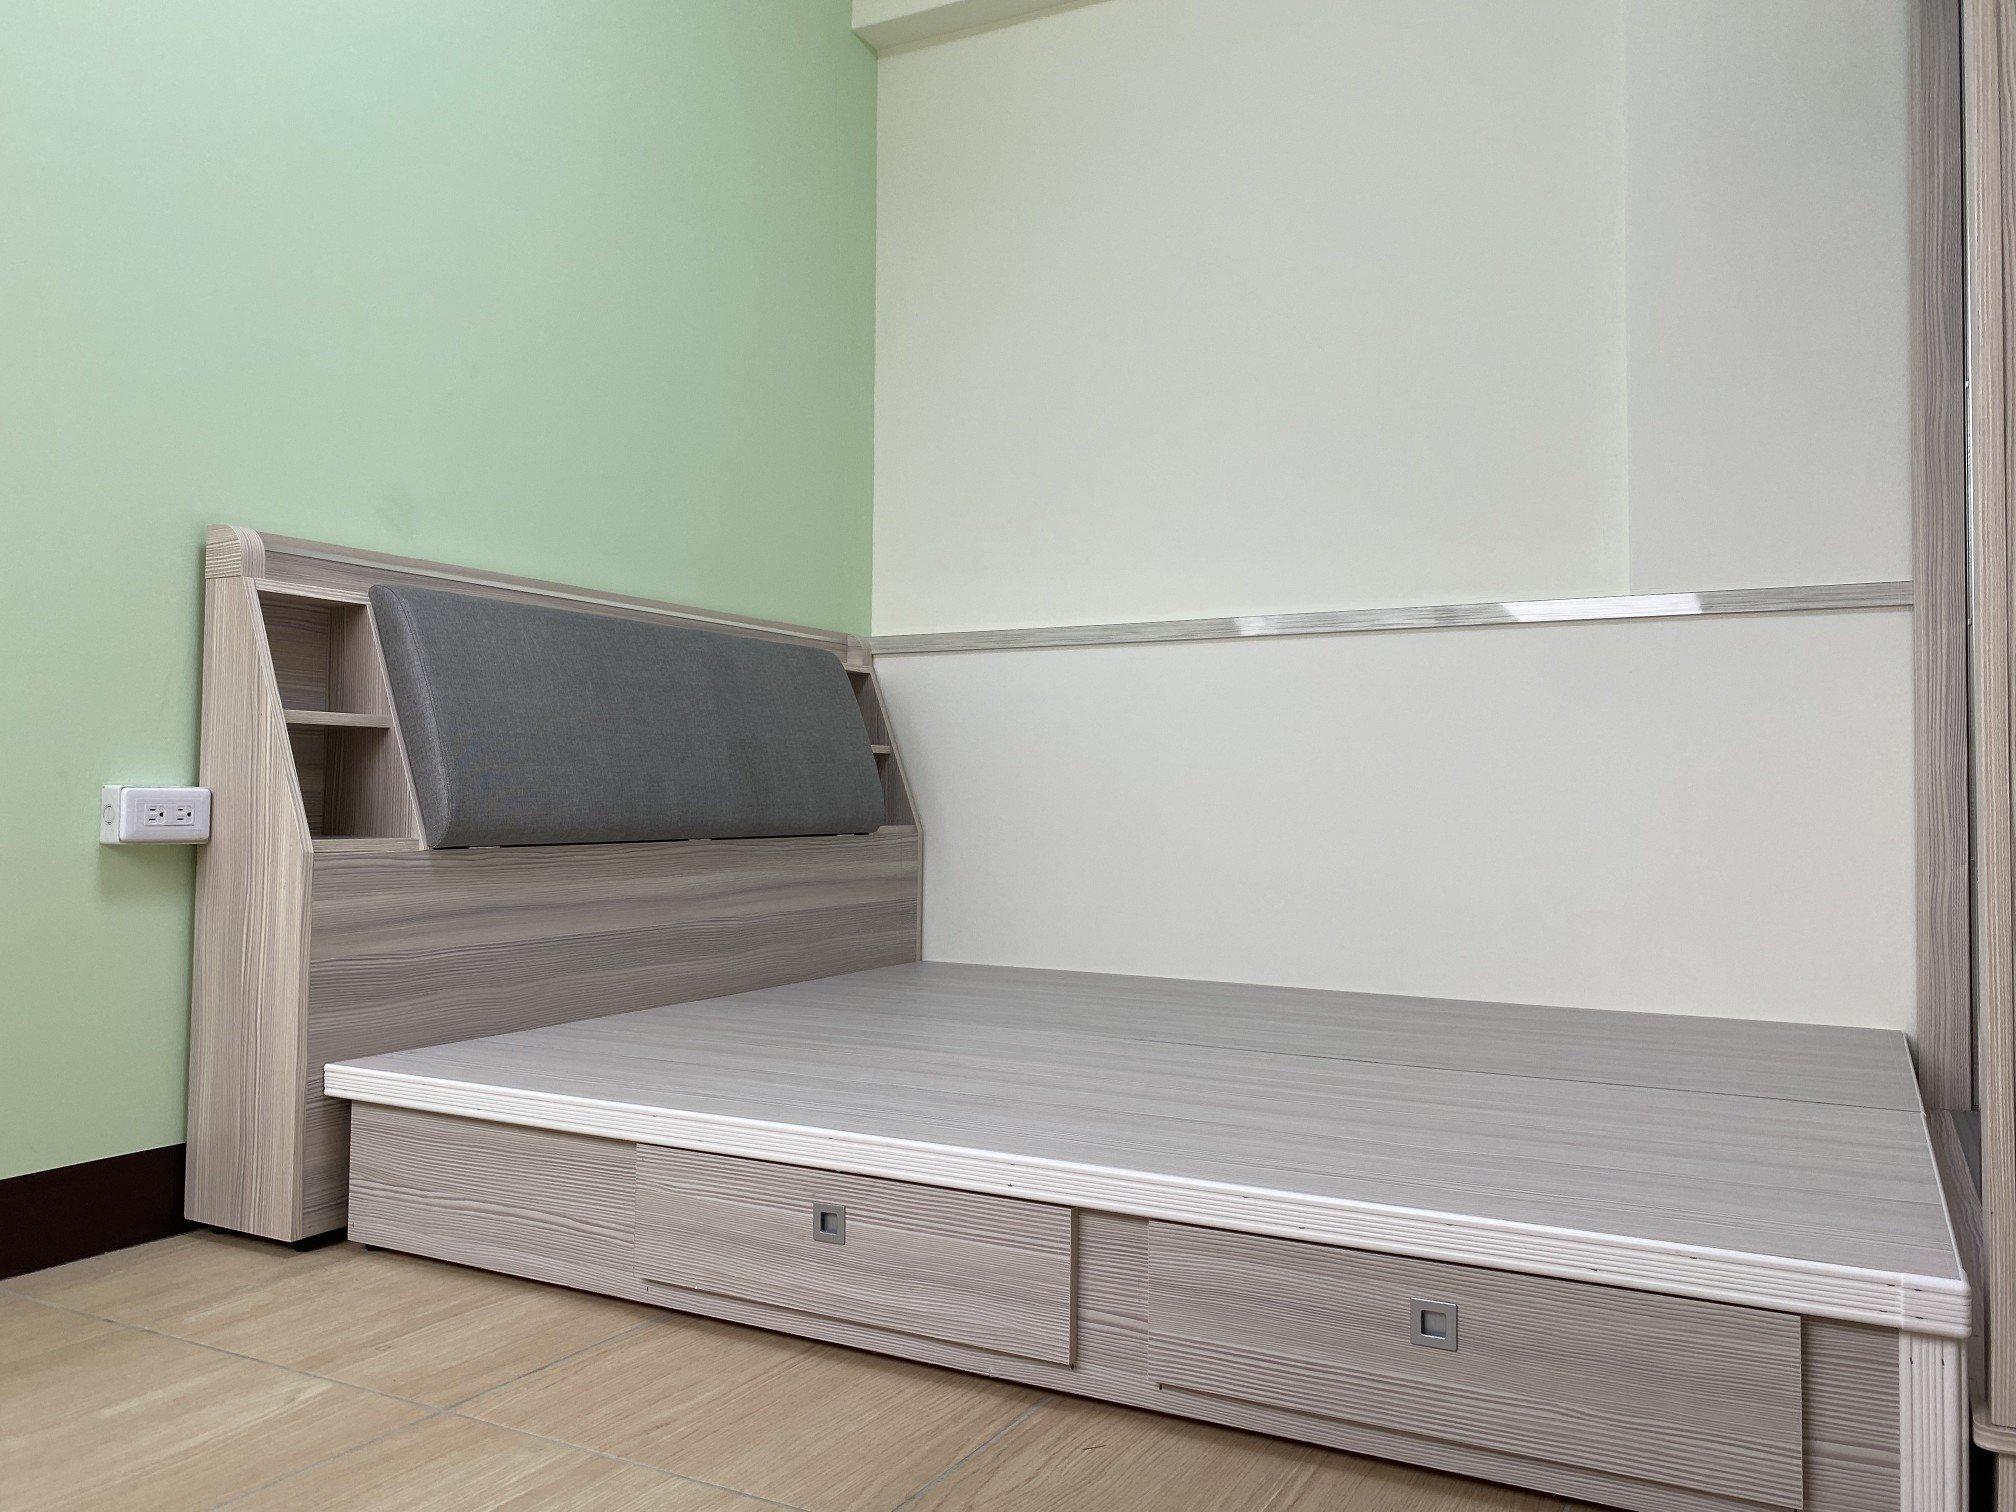 客戶陳小姐臥房床組實例,尺寸配置剛剛好